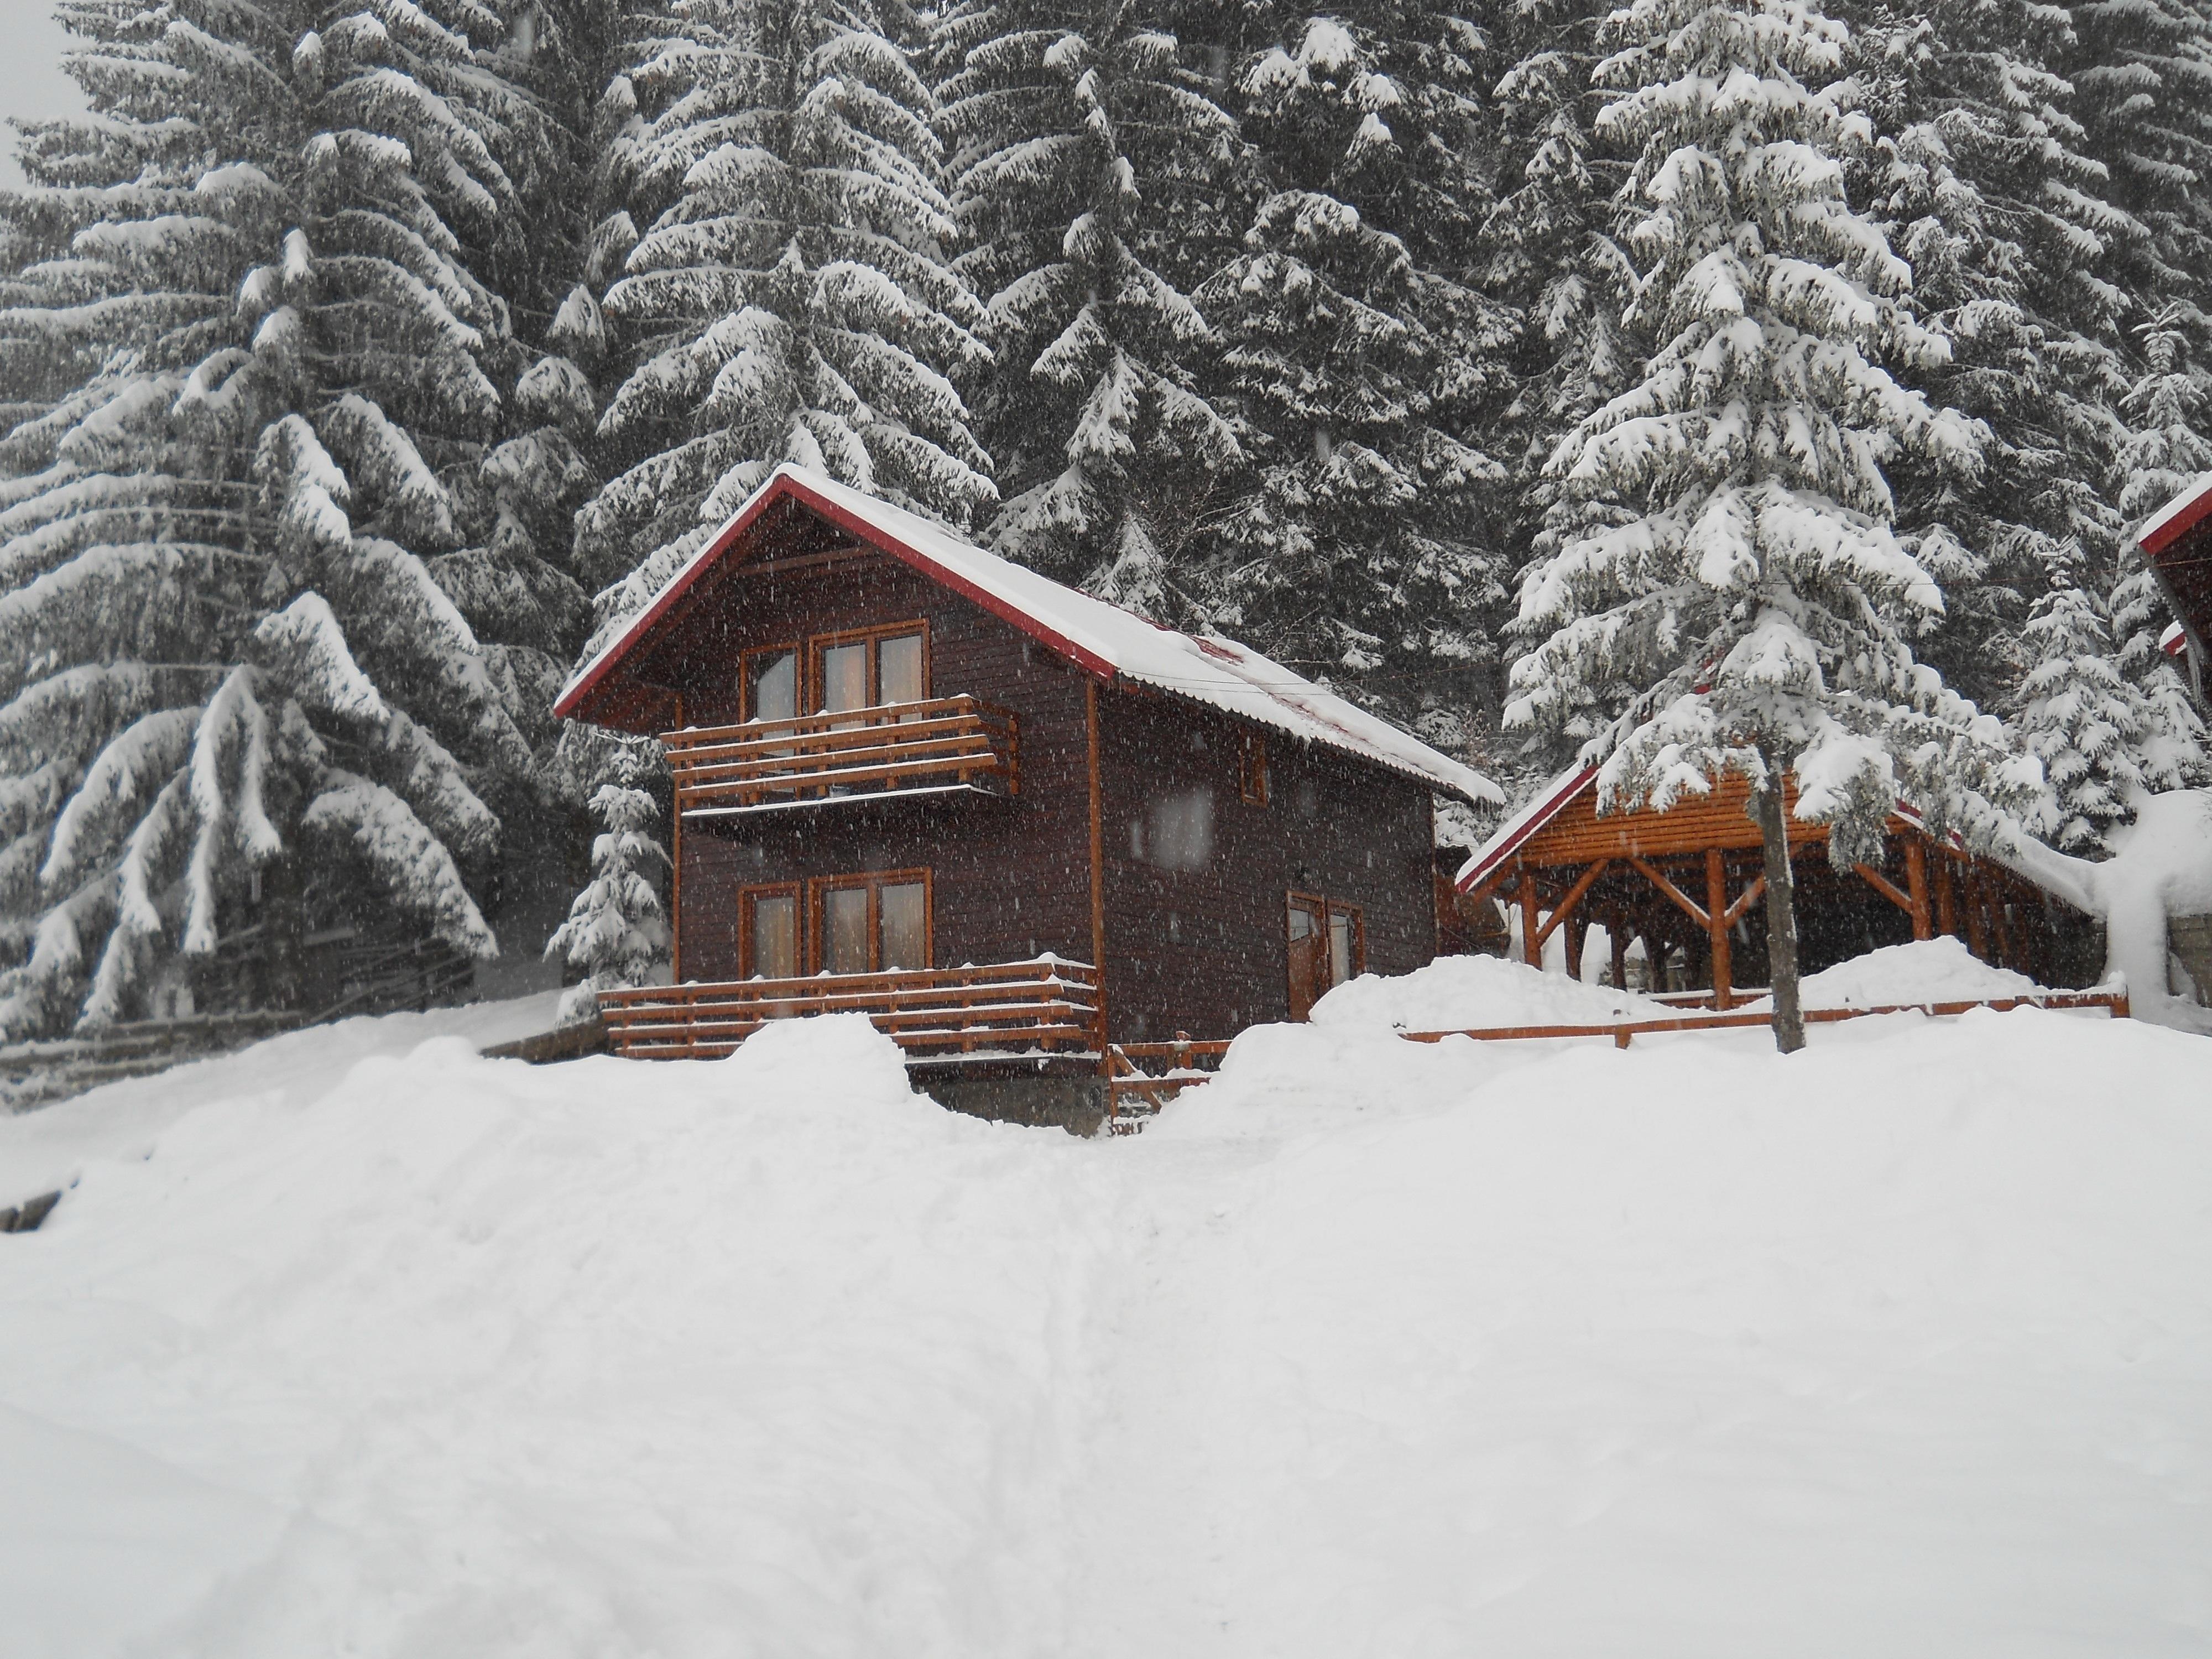 Fotos gratis monta a caba a clima temporada tormenta de nieve pista fen meno geol gico - Cabana invierno ...